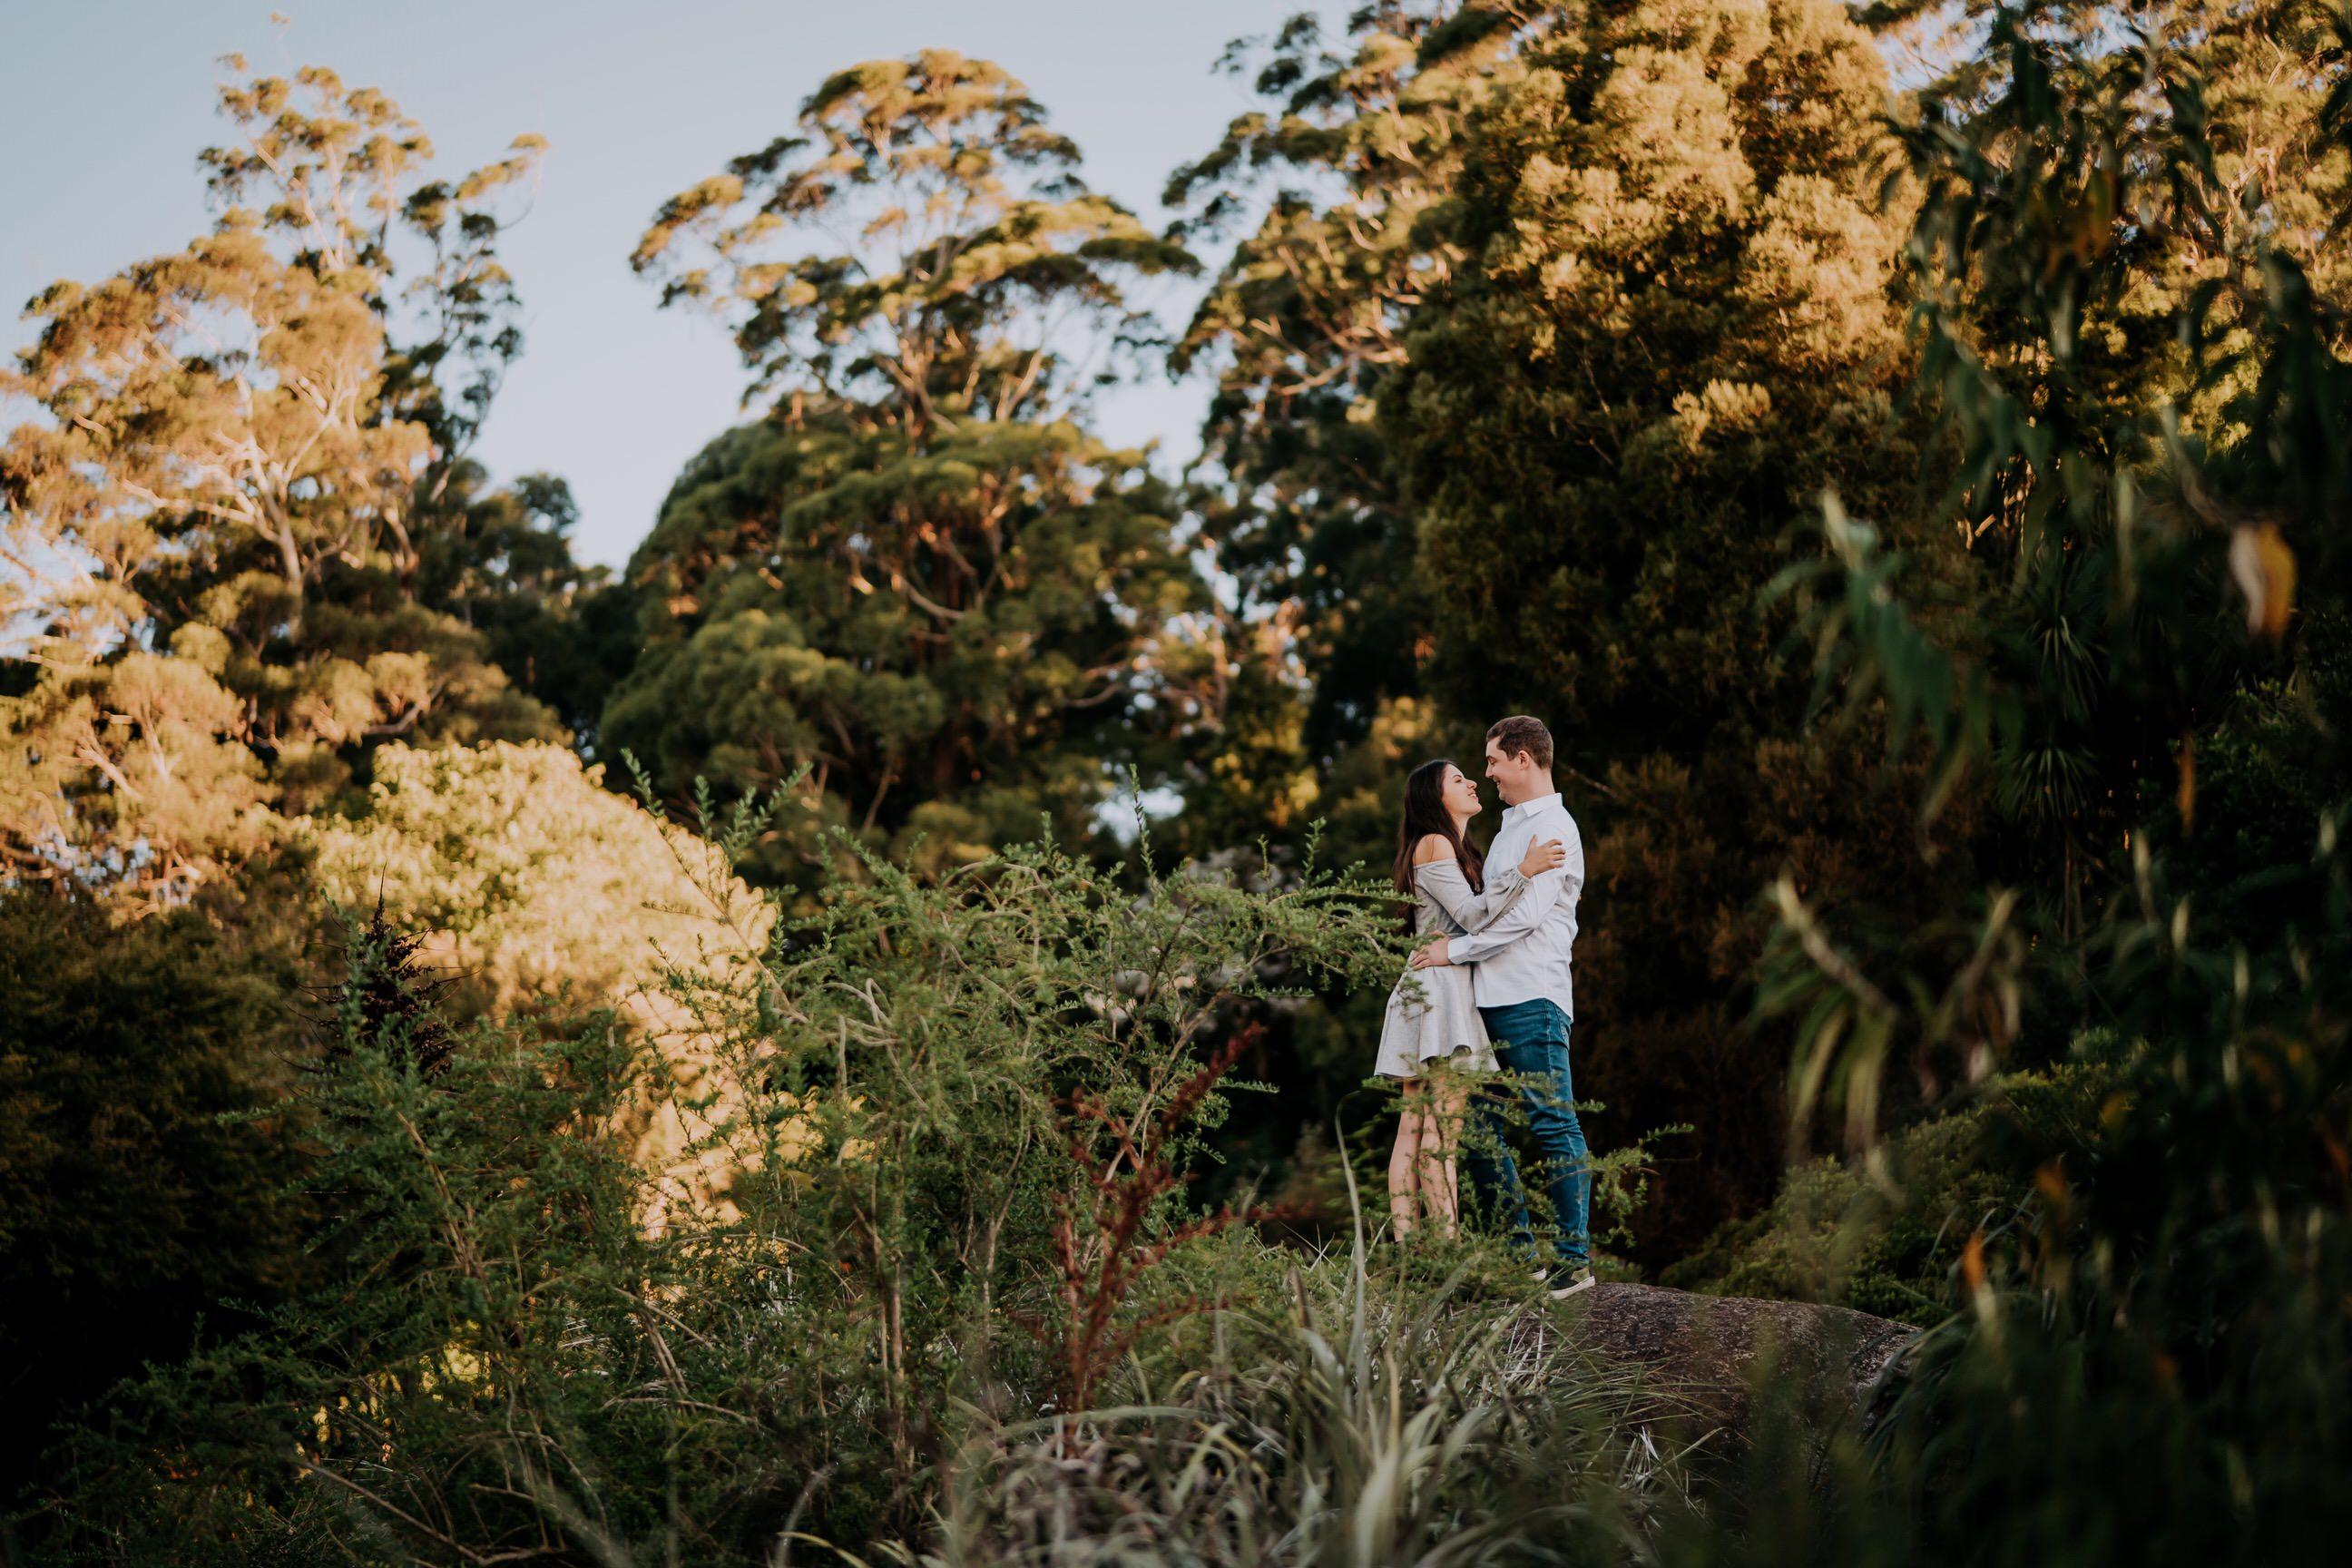 ava-me-photography-mikaela-jesse-mt-tomah-blue-mountains-botanic-gardens-engagement-24